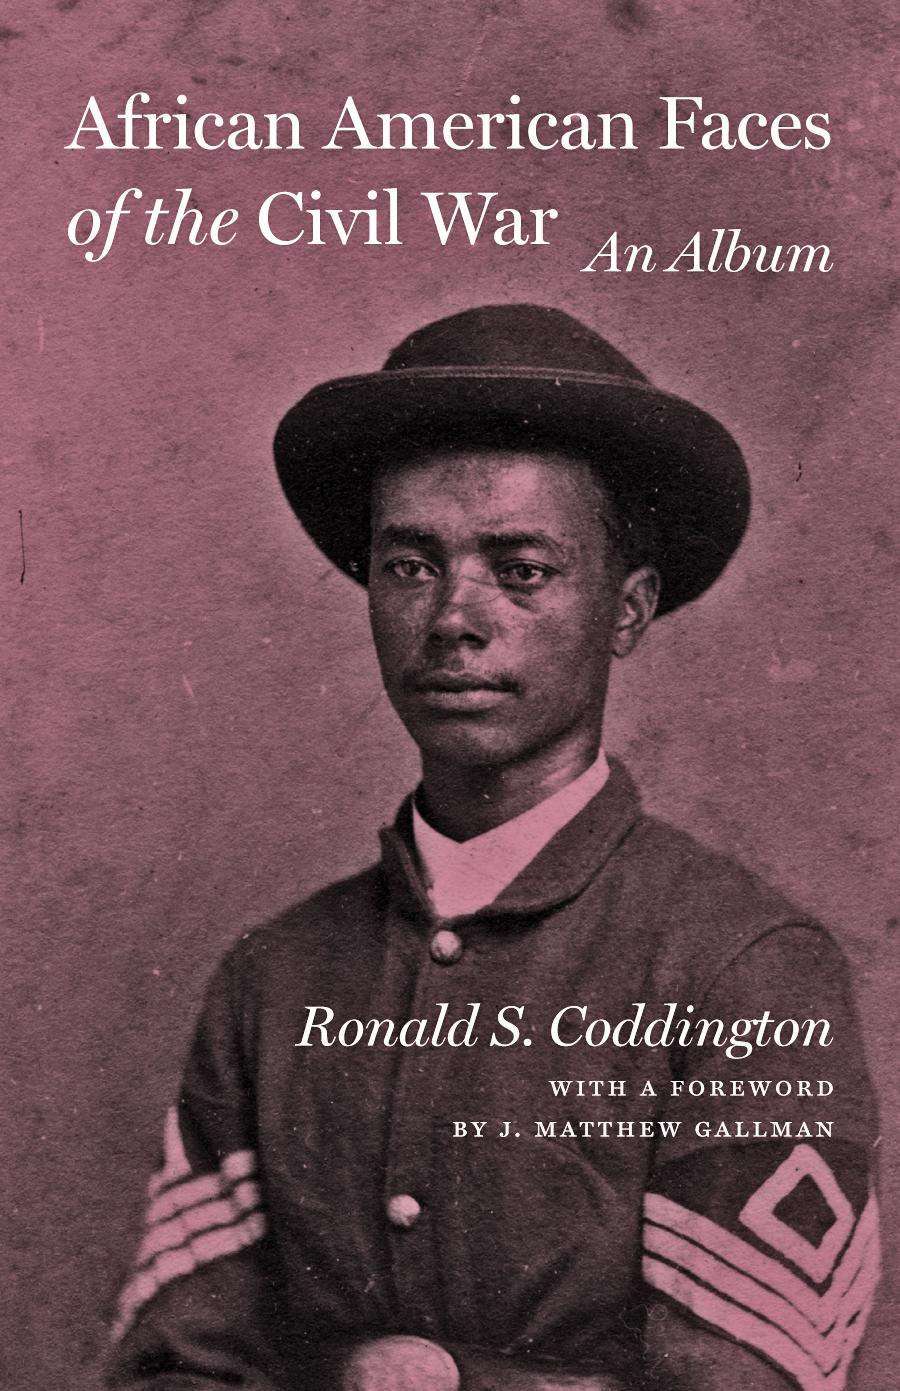 coddington_african_american_faces